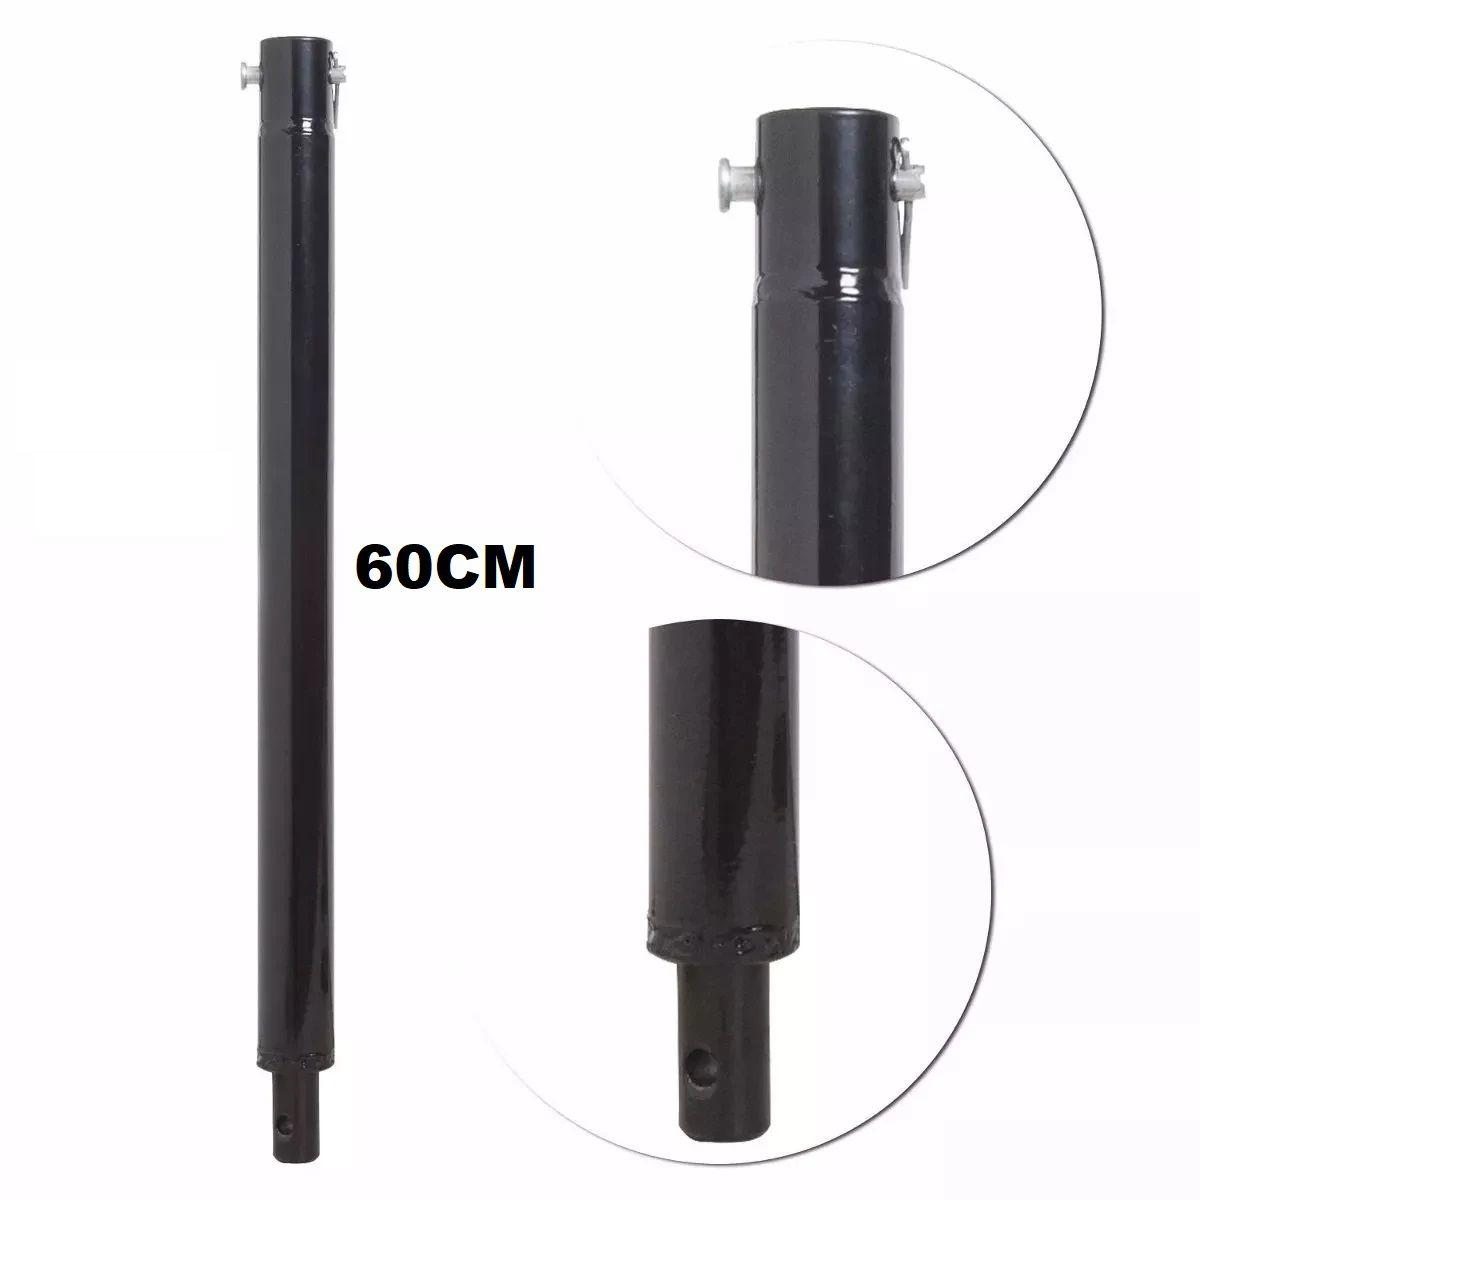 Extensor Para Perfuradores De Solo De 60cm Kawashima